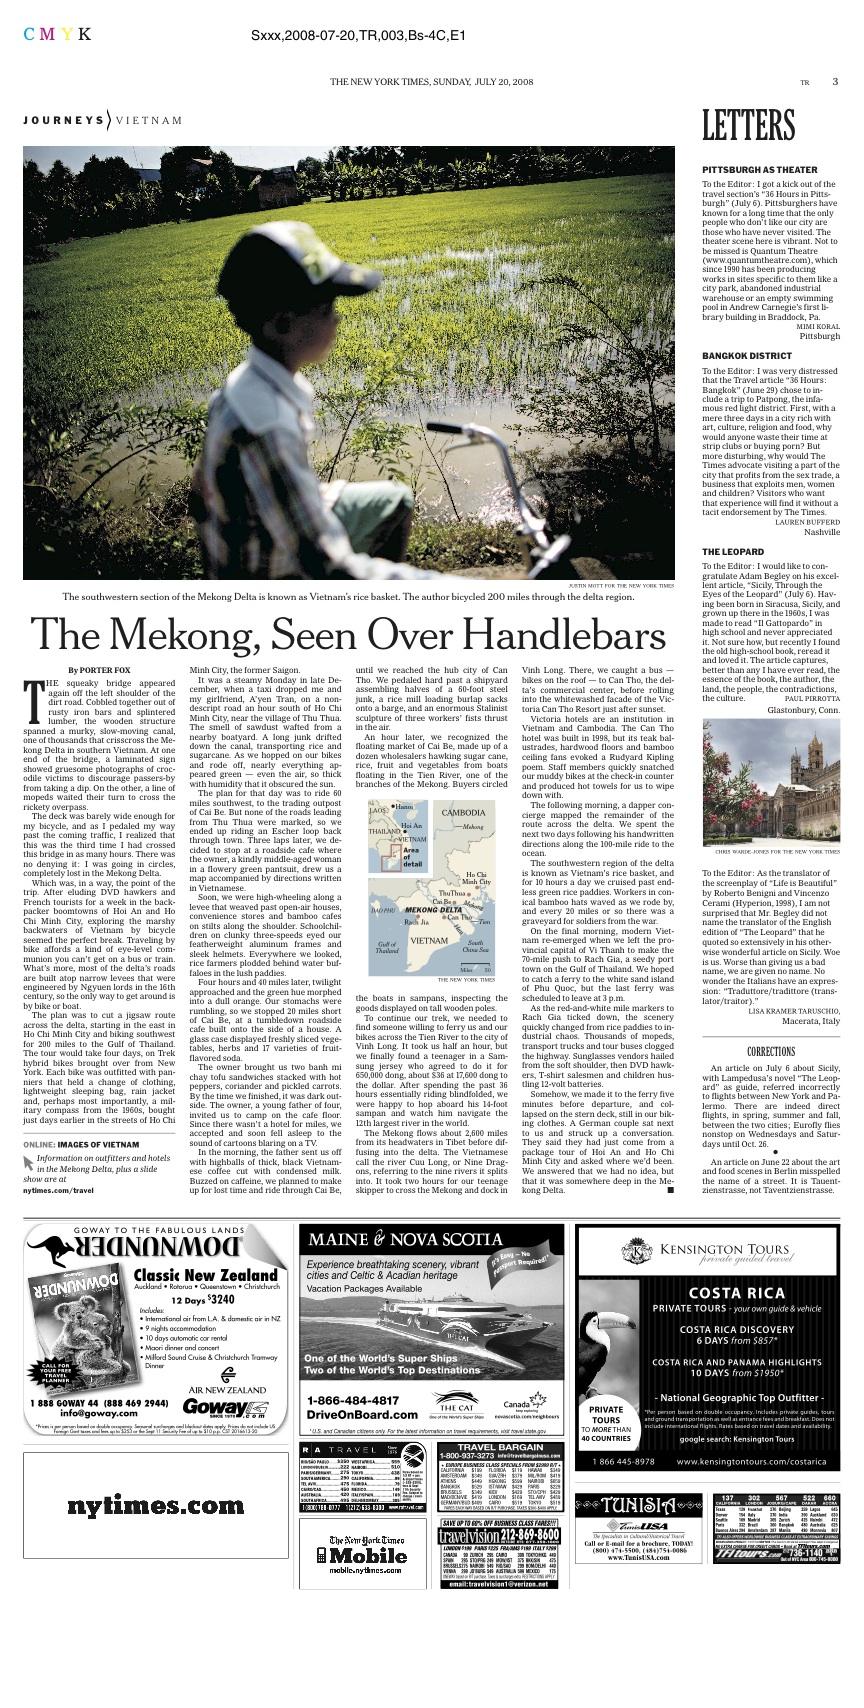 Justin_Mott_Vietnam_New_York_Times_Mekong_Delta-1.jpg